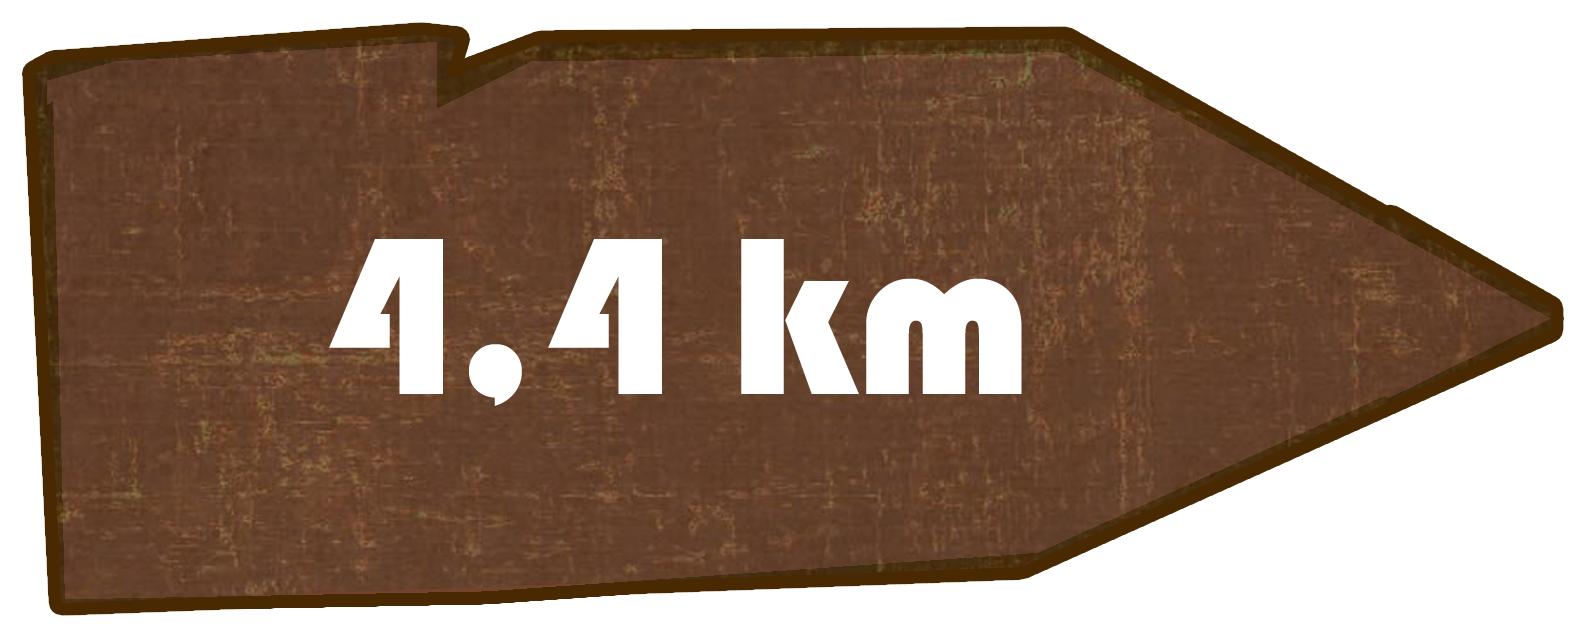 Kilometer Oppacher Brunnenpfad